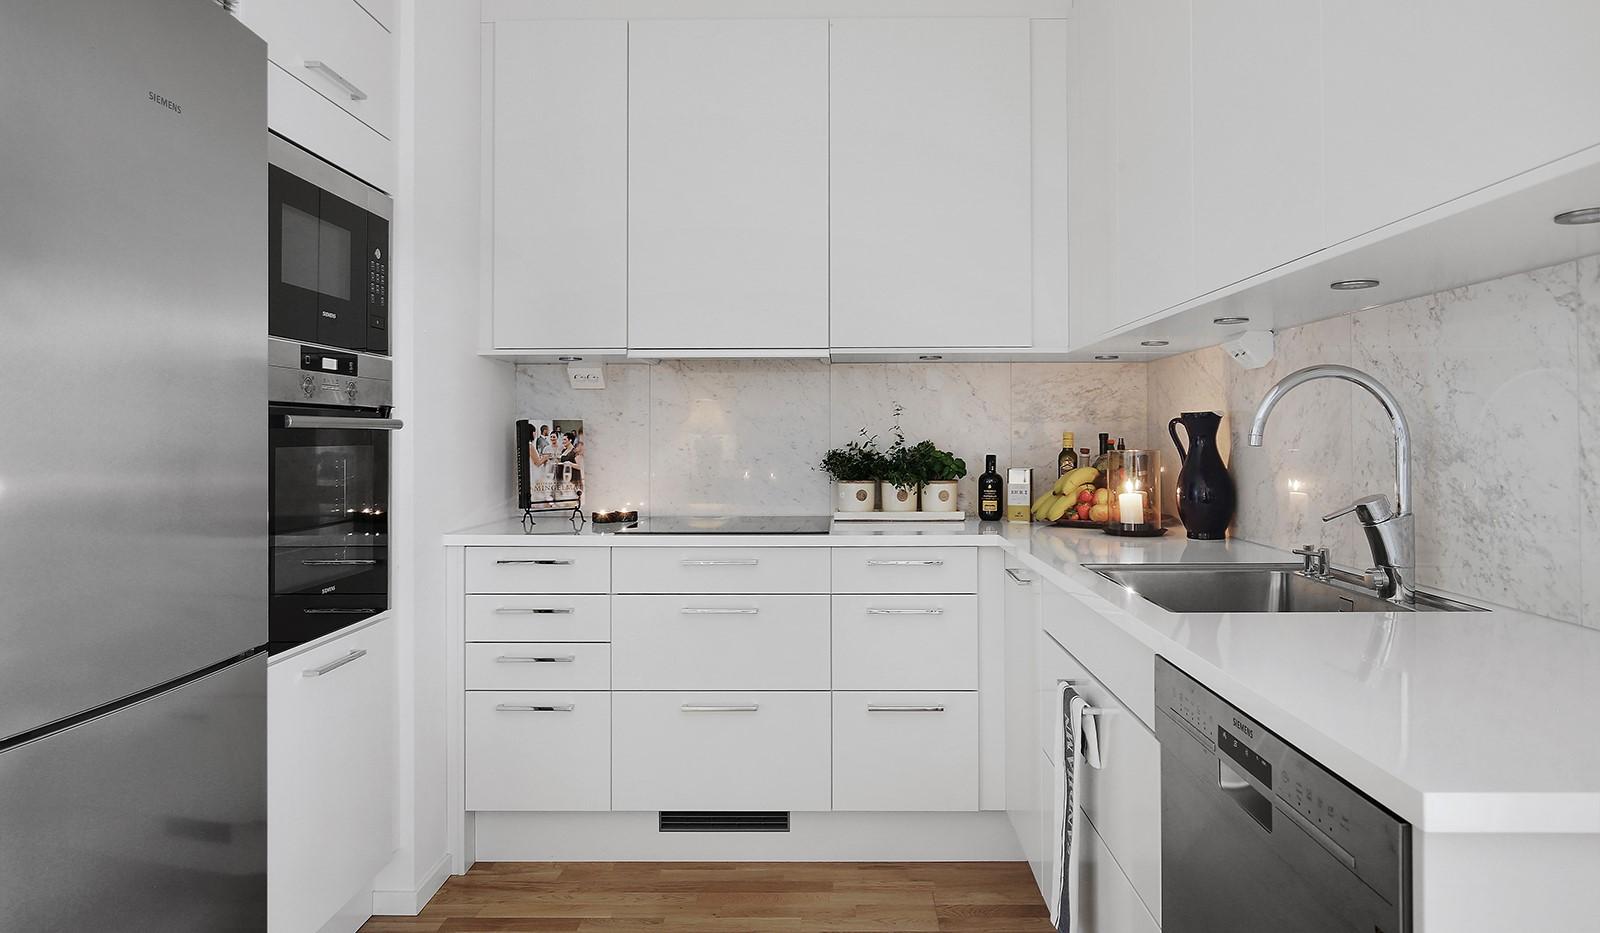 Fredriksdalsgatan 24, vån 6 - Stilrent och välutrustat kök